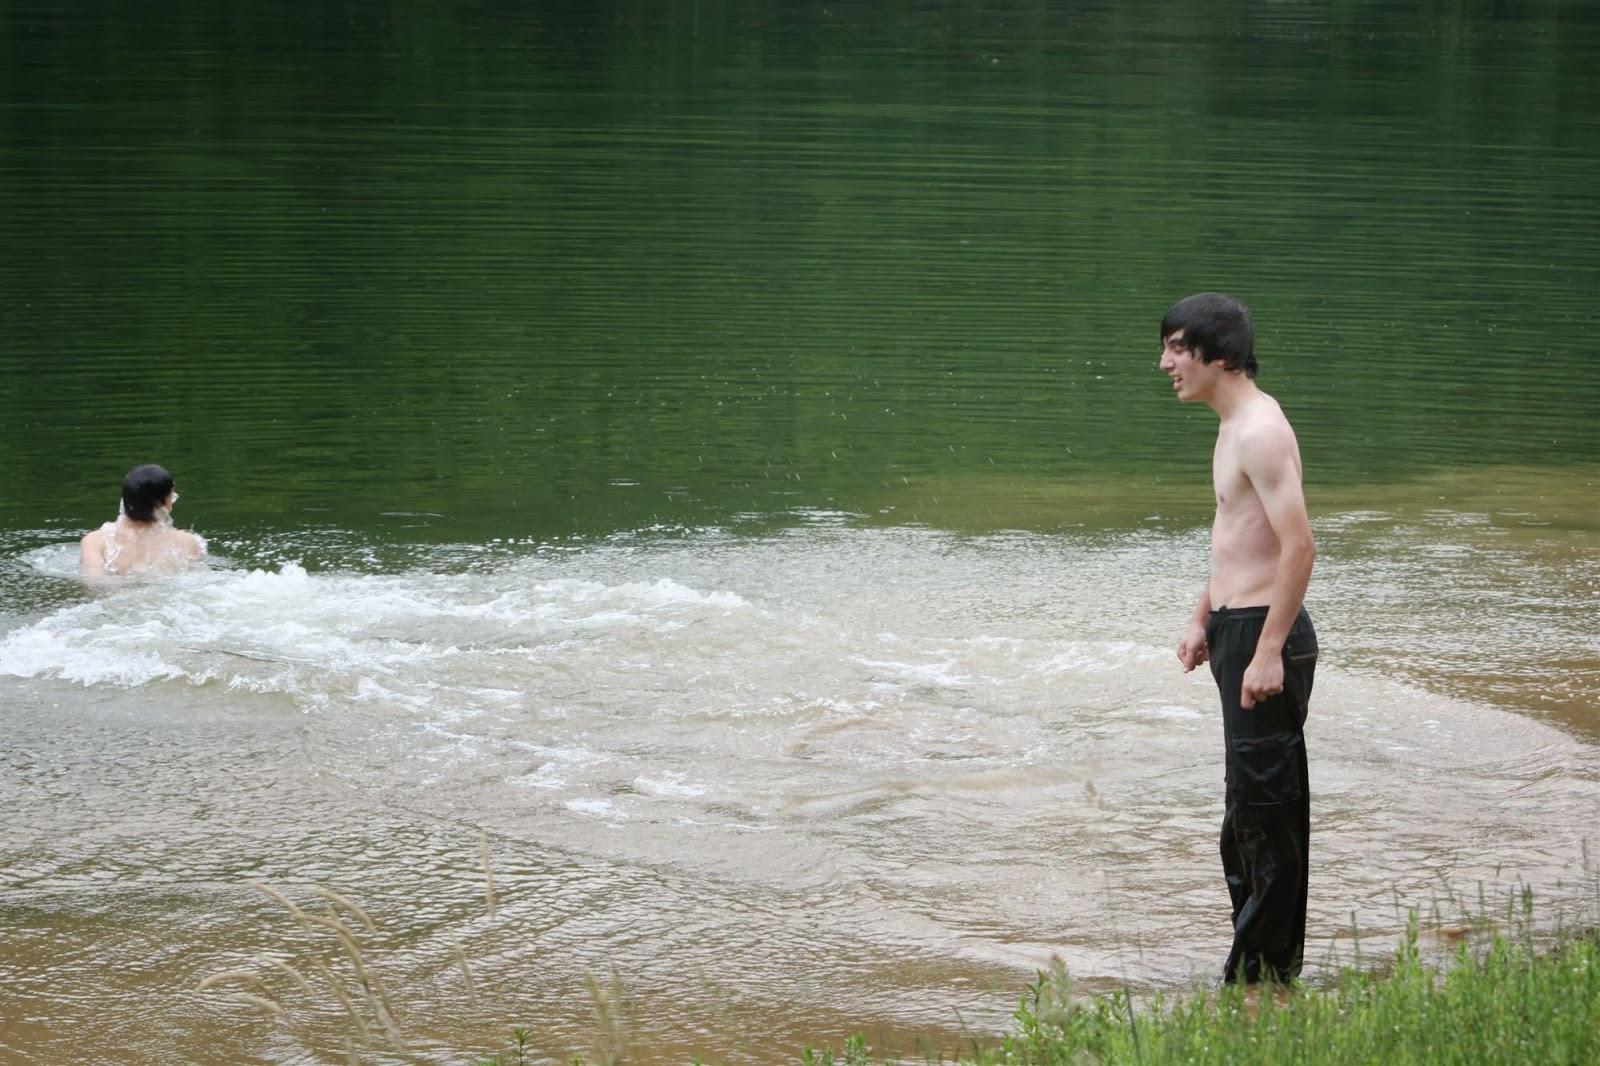 Vozlarija 890, Ilirska Bistrica 2007 - IMG_8521.jpg